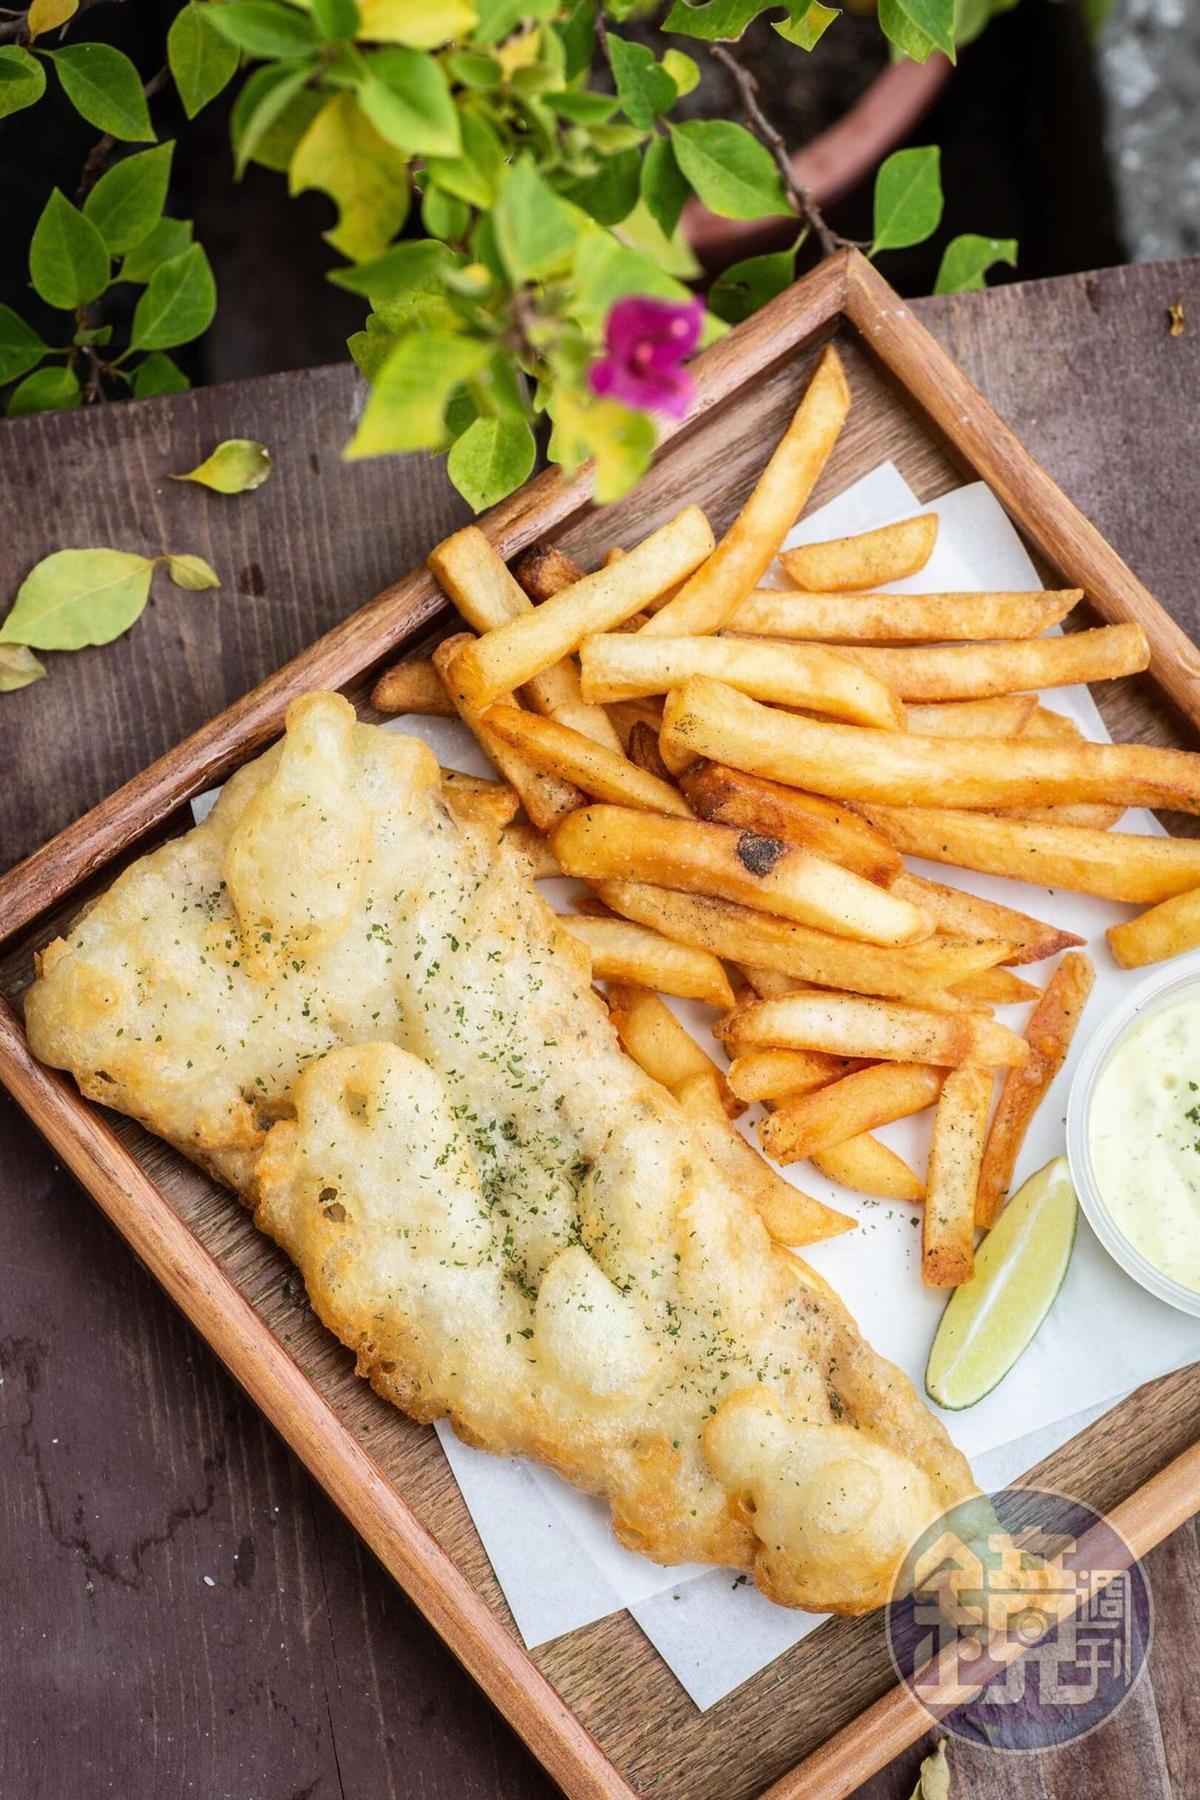 炸魚薯條有英式經典及加倍酥脆兩種口味,我們選的是嘗起來口感較柔軟的英式經典。(160元/份)。